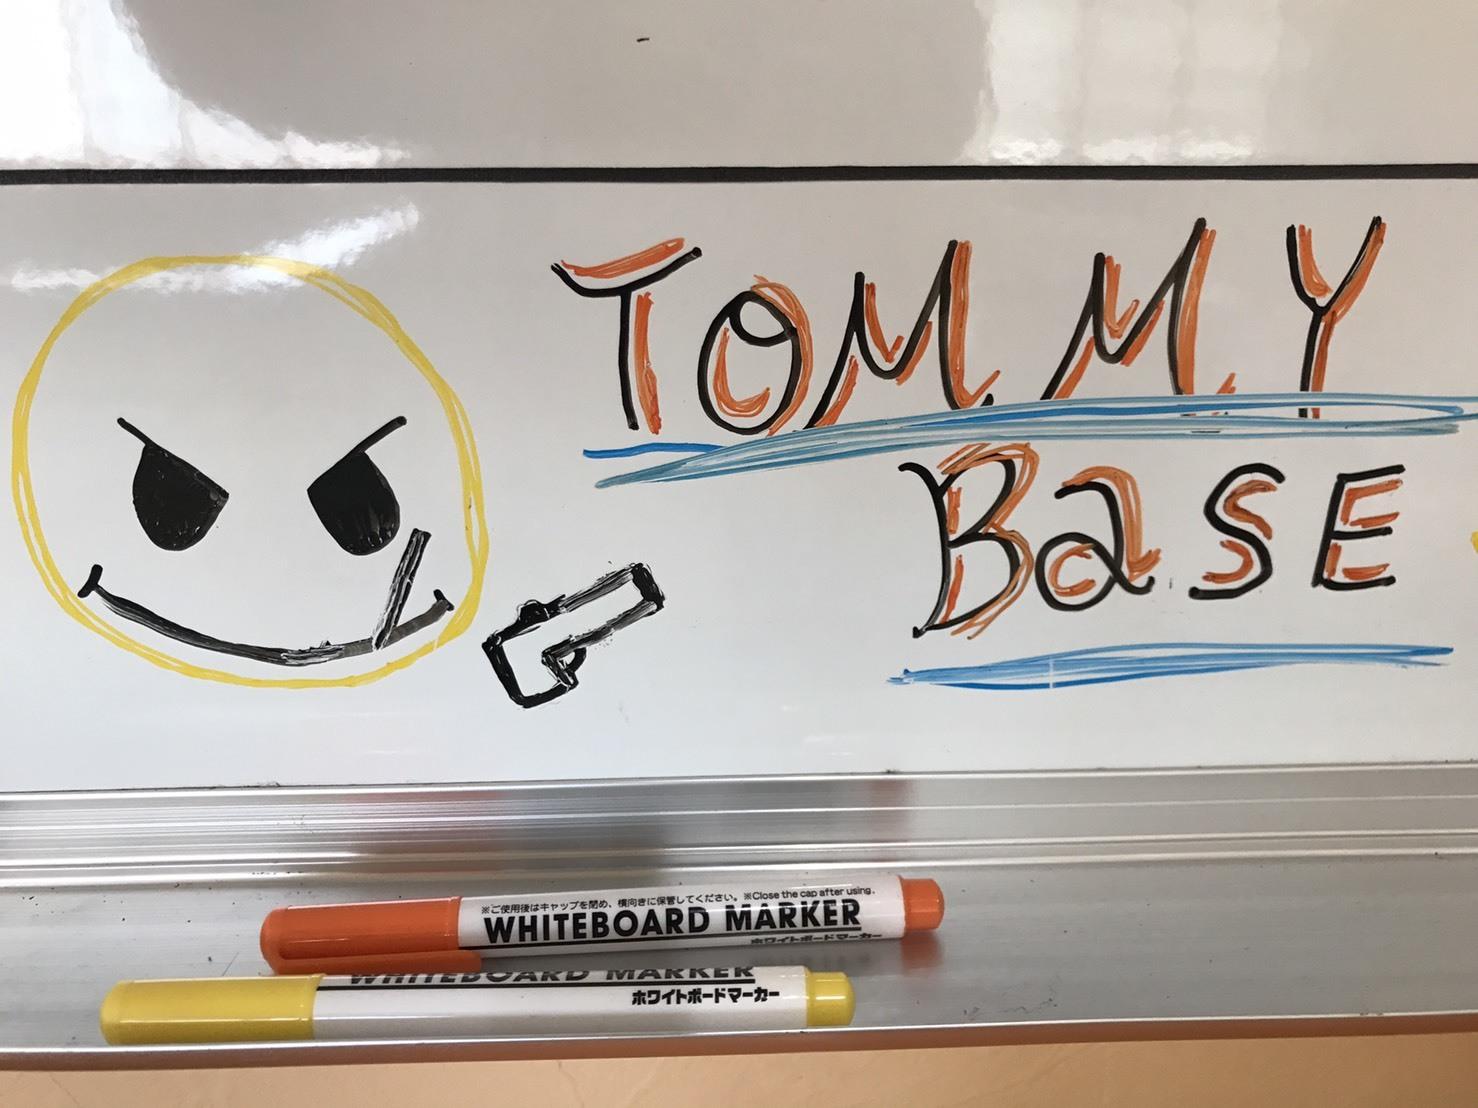 5月30日(火)TOMMY BASE ともみブログ☆レクサス ハイエース カスタム!!_b0127002_10204224.jpg